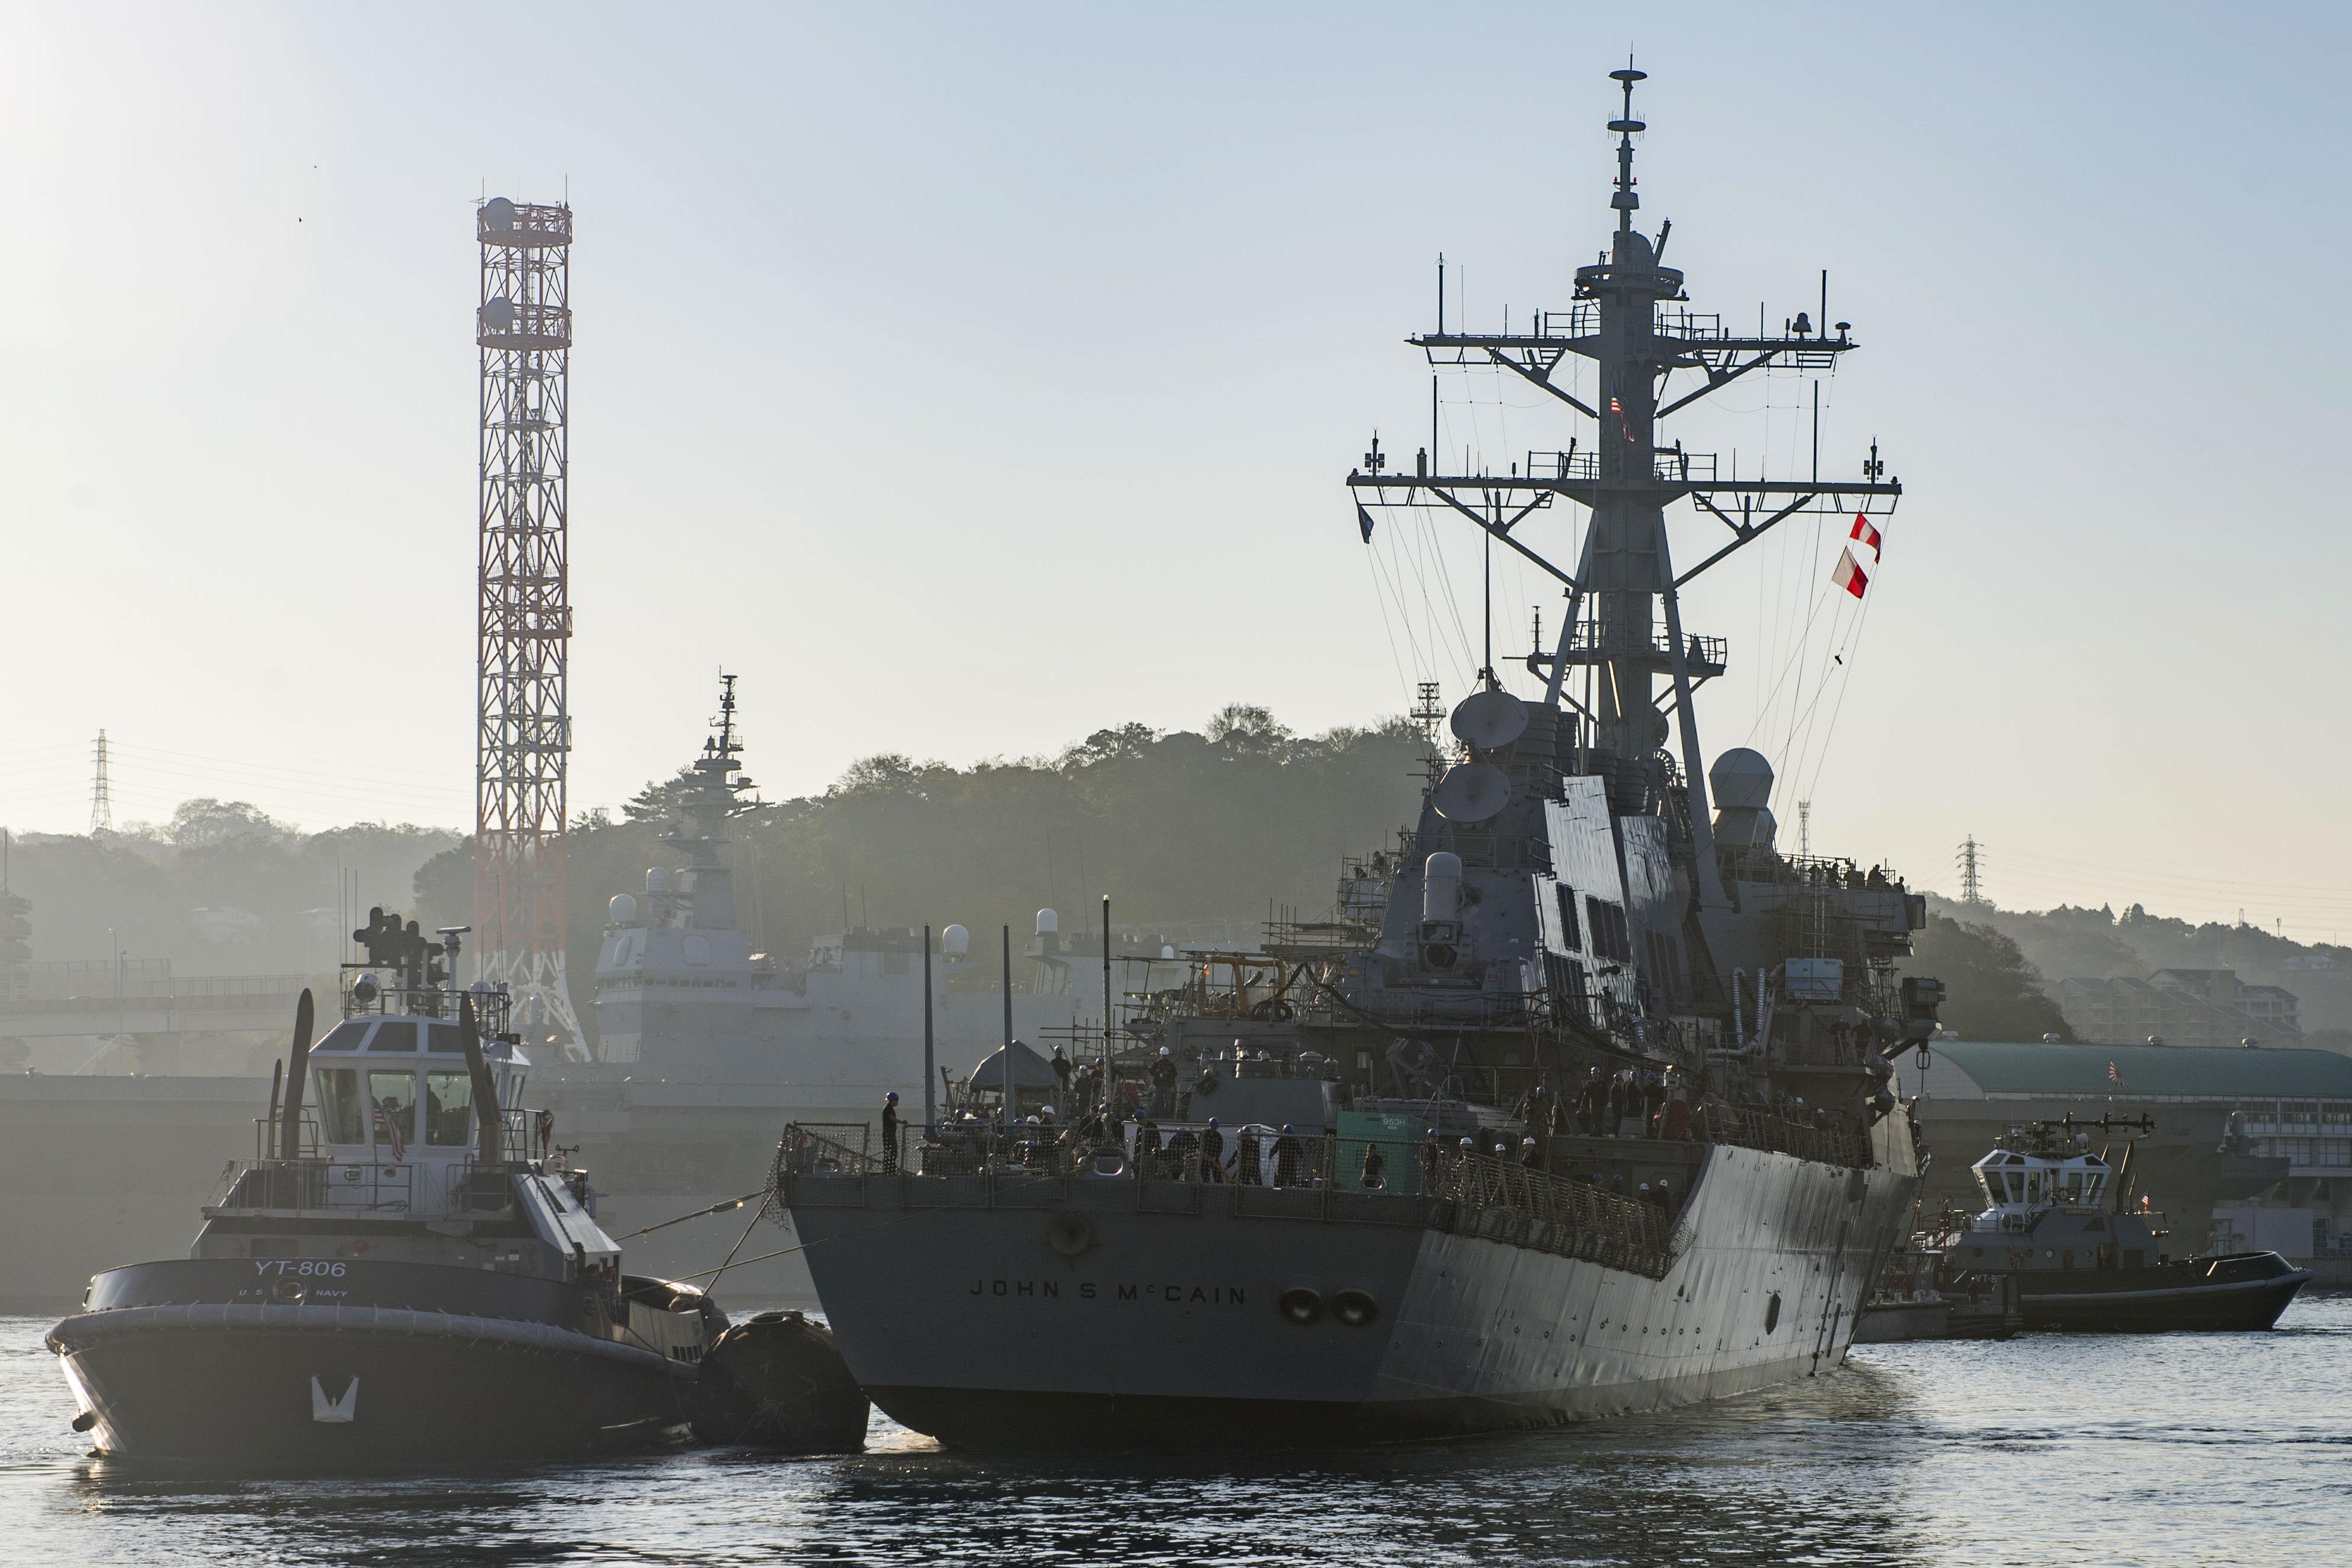 Moszkva azt állítja, az amerikai hadiflotta egyik hajóját kellett elkergetniük orosz vizekről a Japán-tengeren